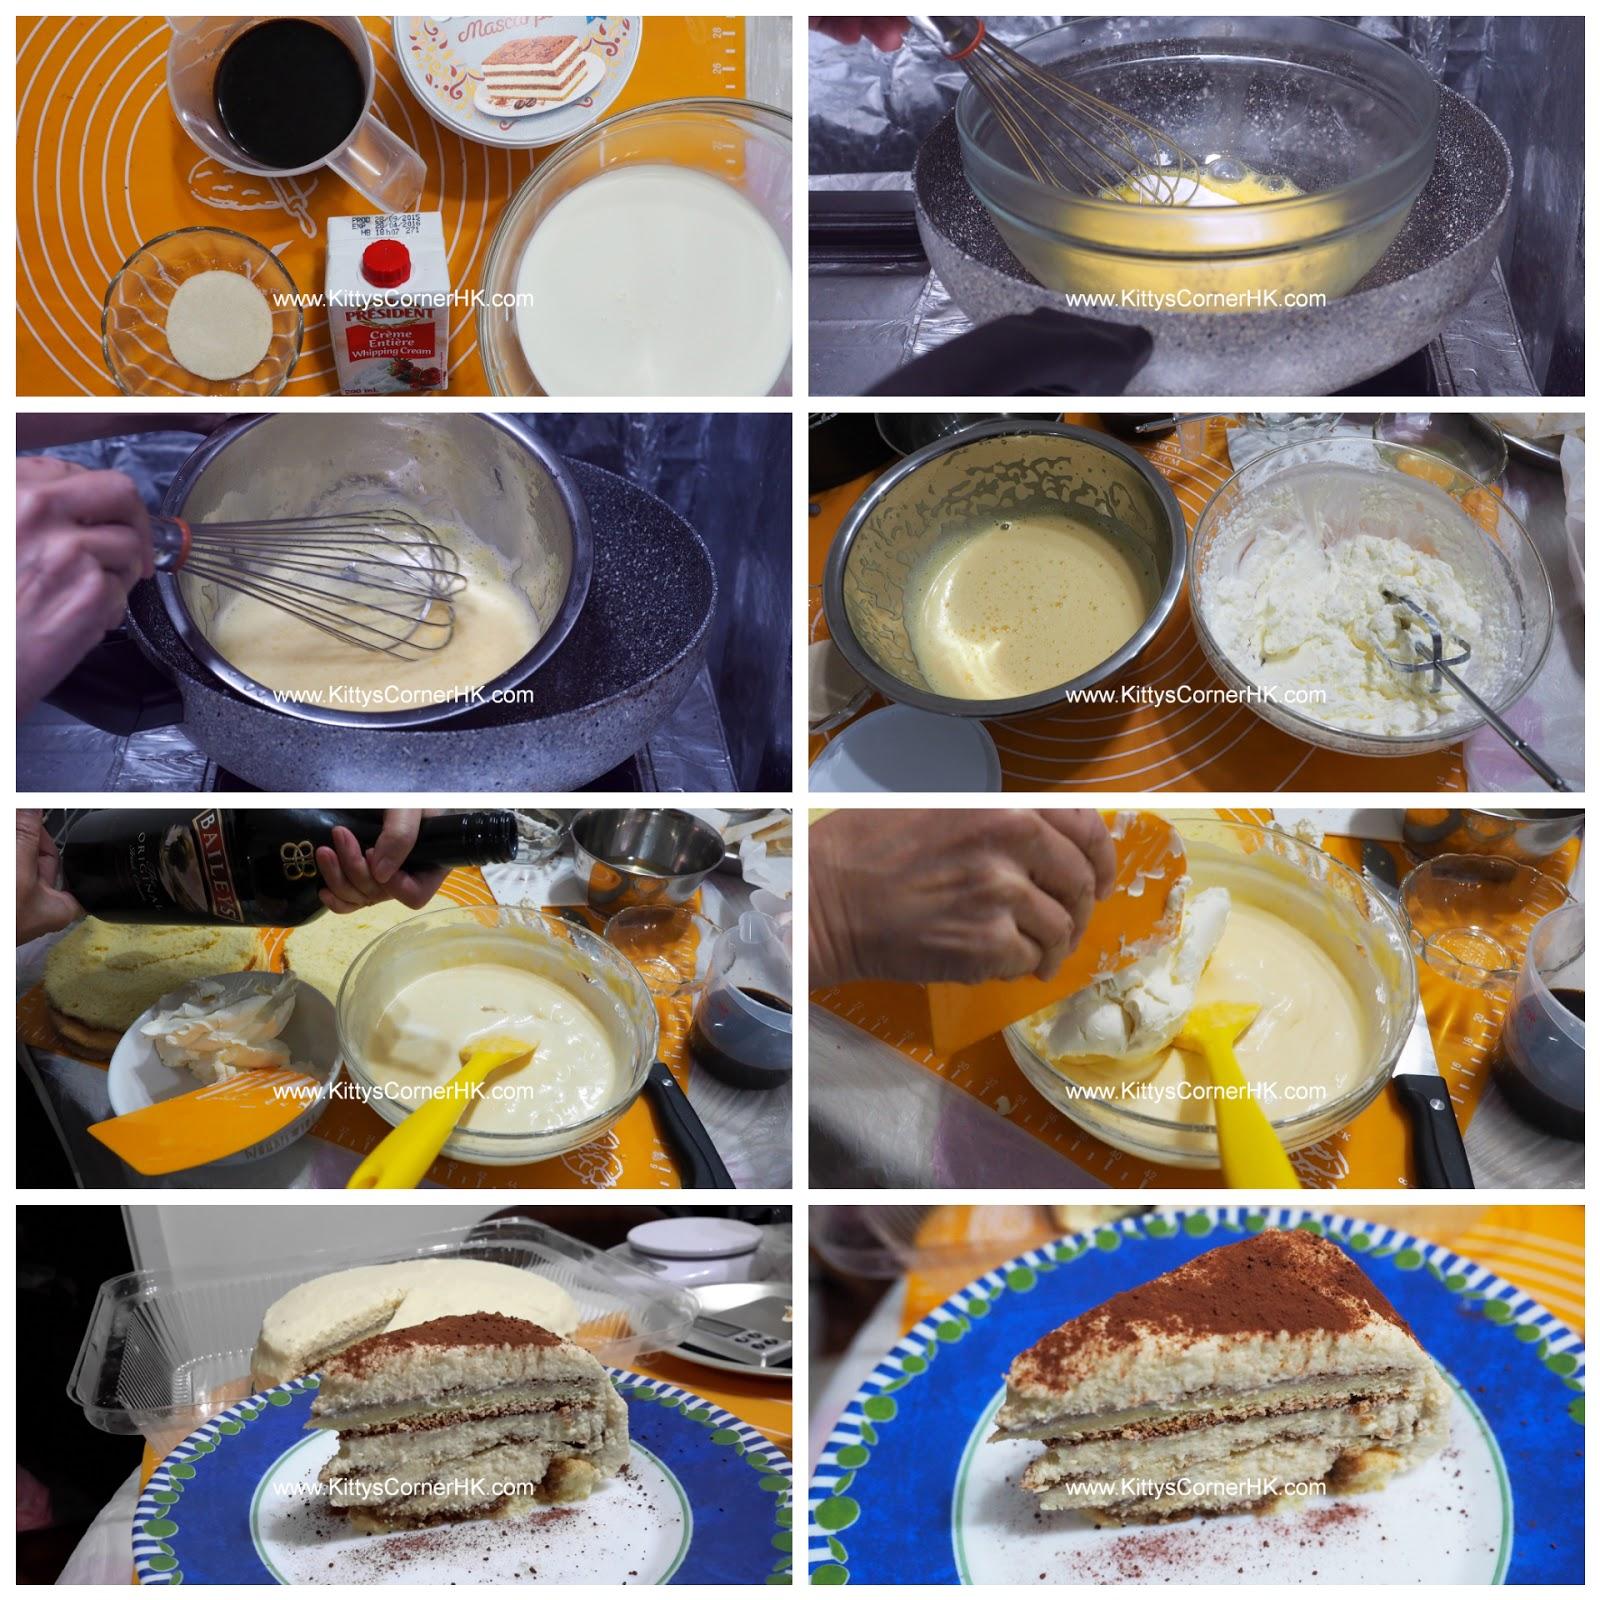 Tiramisu DIY recipe 意大利Tiramisu 自家烘焙食譜